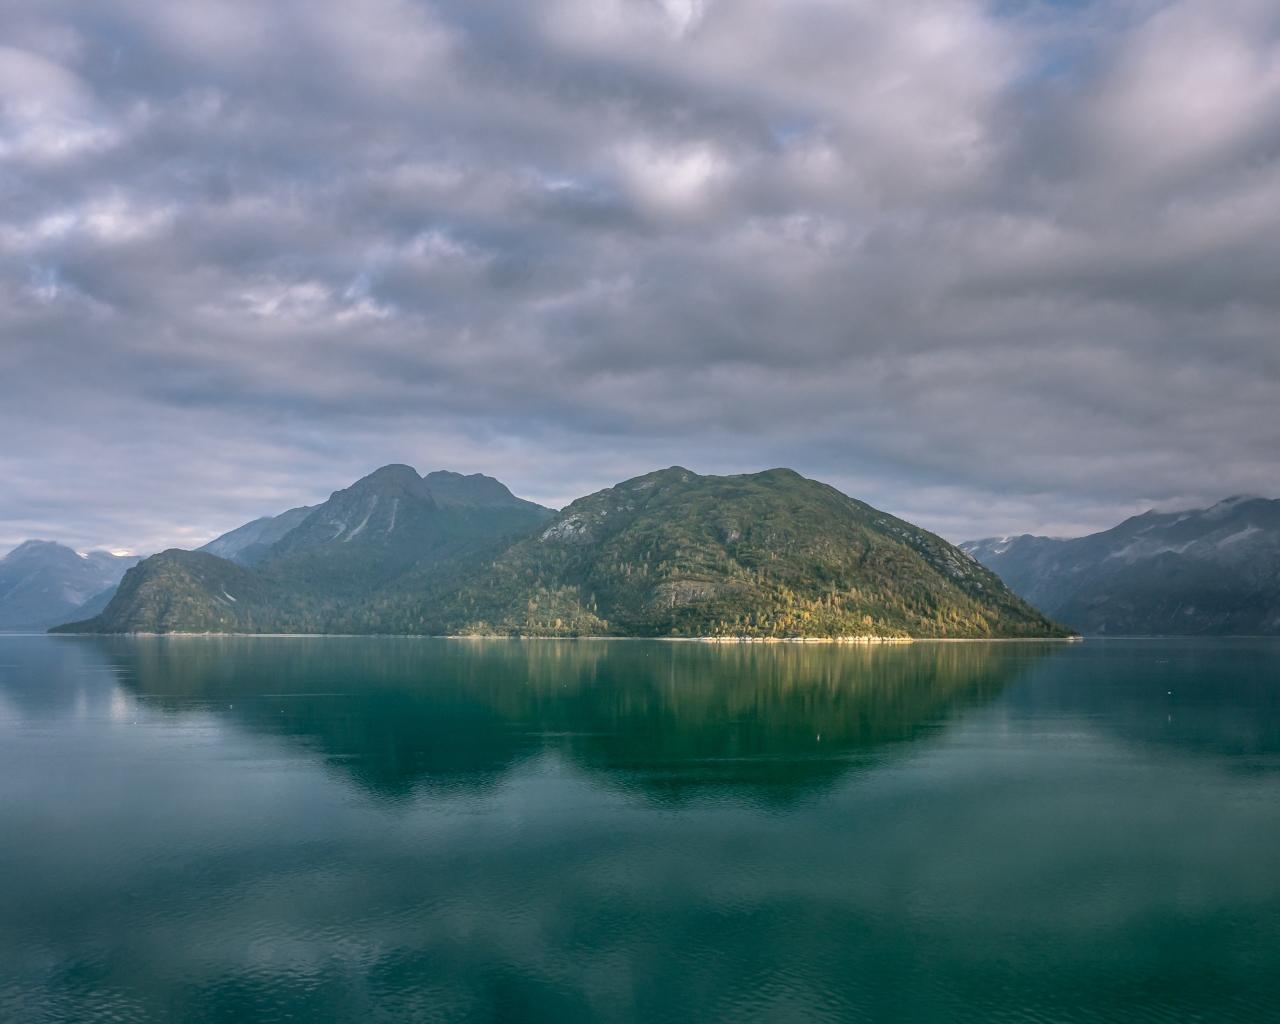 Alaska mountains, lake, clouds, 1280x1024 wallpaper